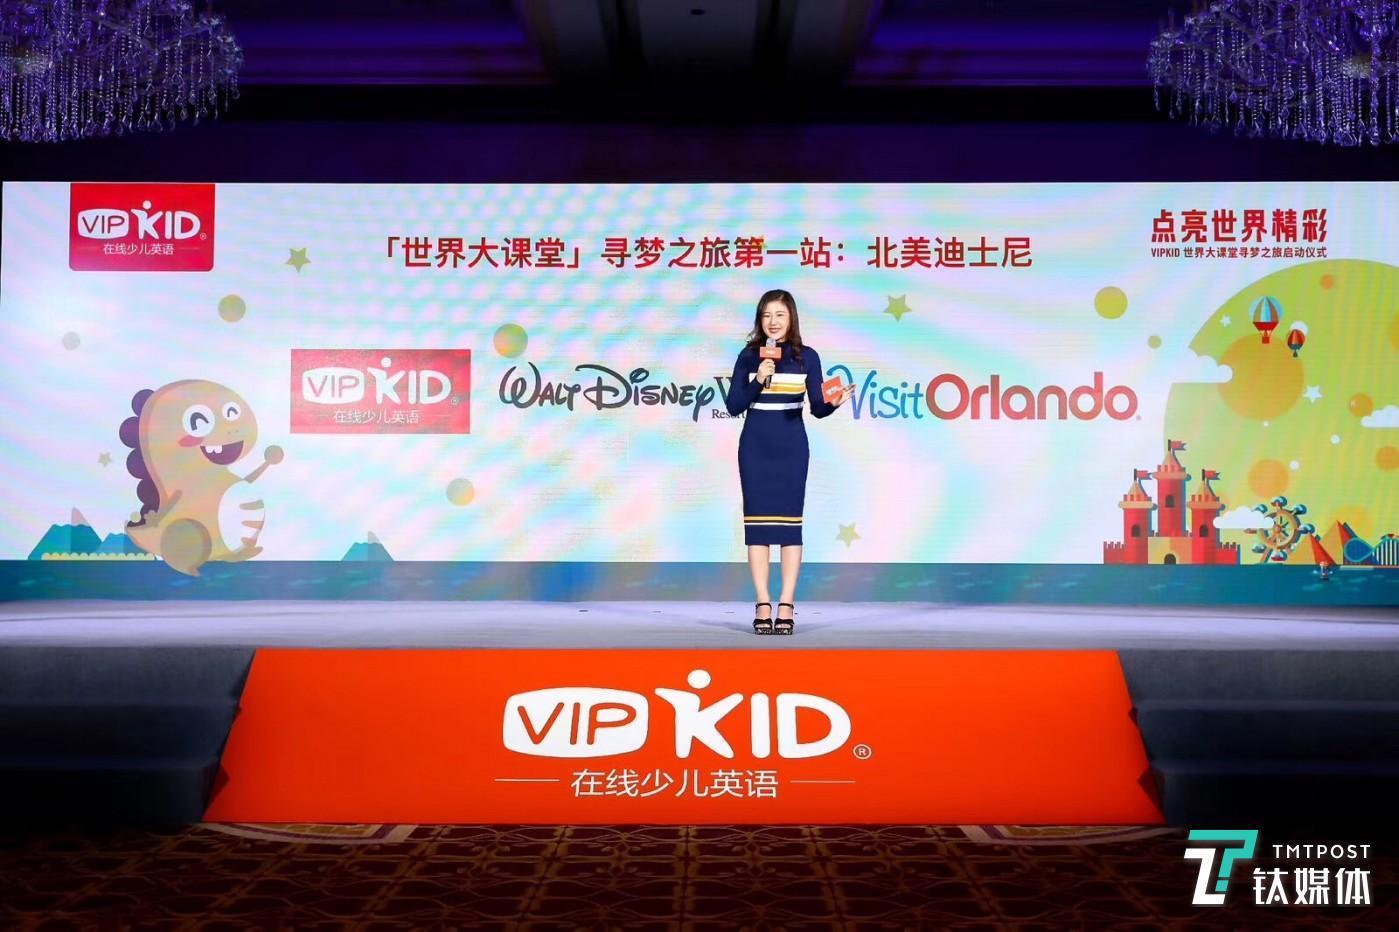 """(在与""""迪士尼合作""""的发布上,VIPKID创始人、CEO米雯娟出席)"""